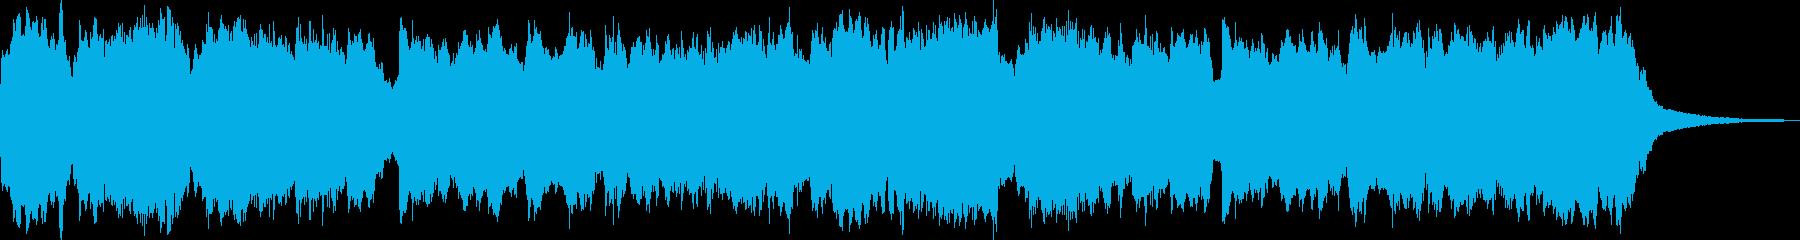 木管でゆったりとしたヒーリングBGMの再生済みの波形